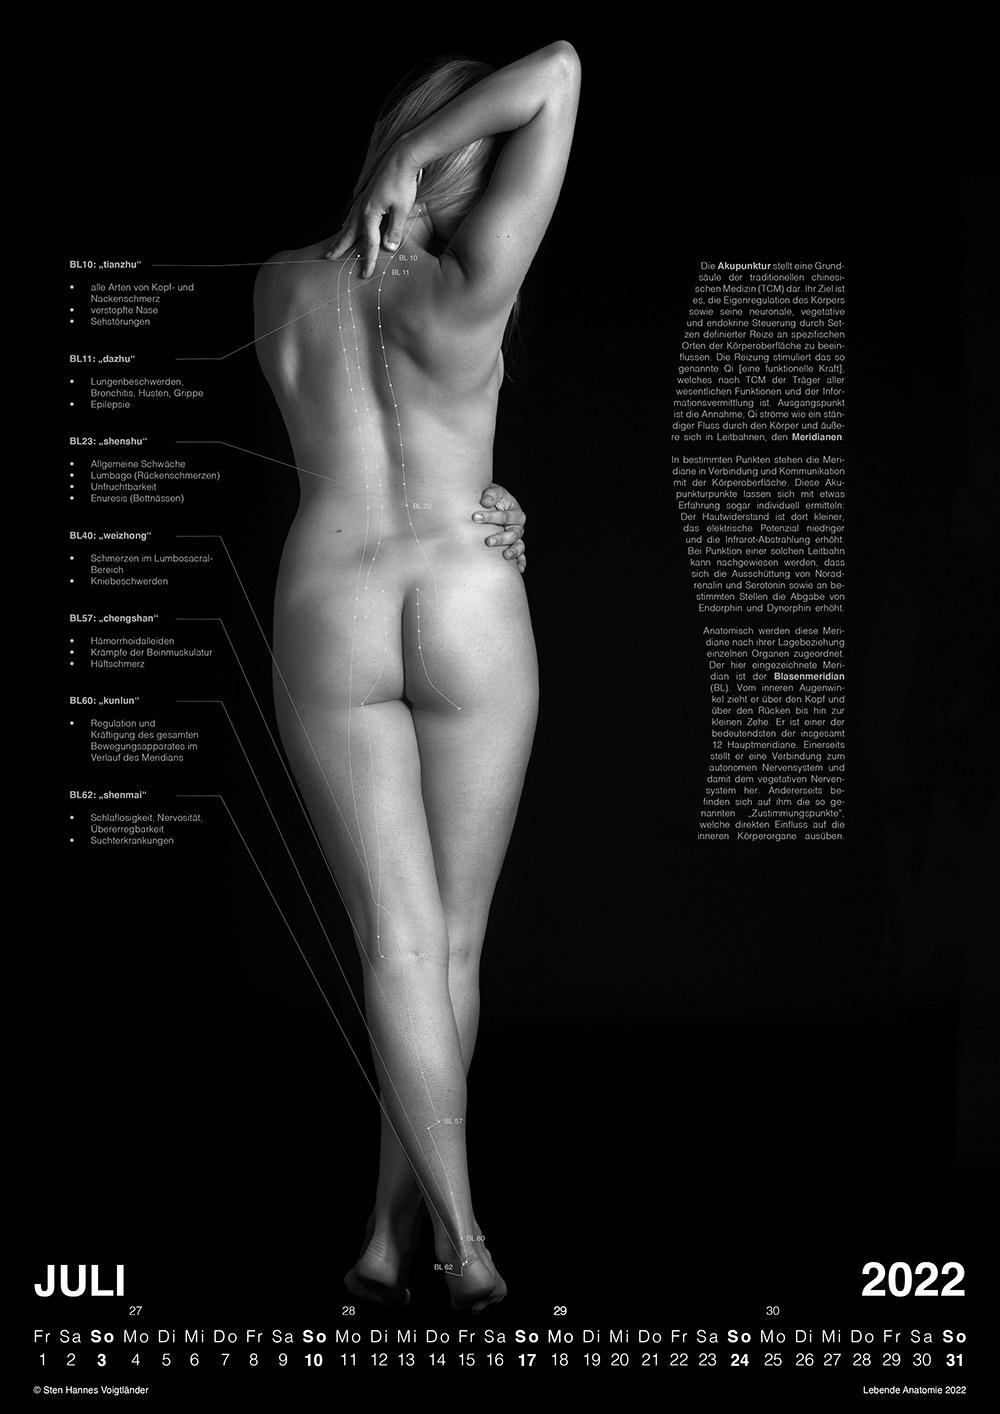 Lebende Anatomie Kalender 2022 VORSCHAU 07